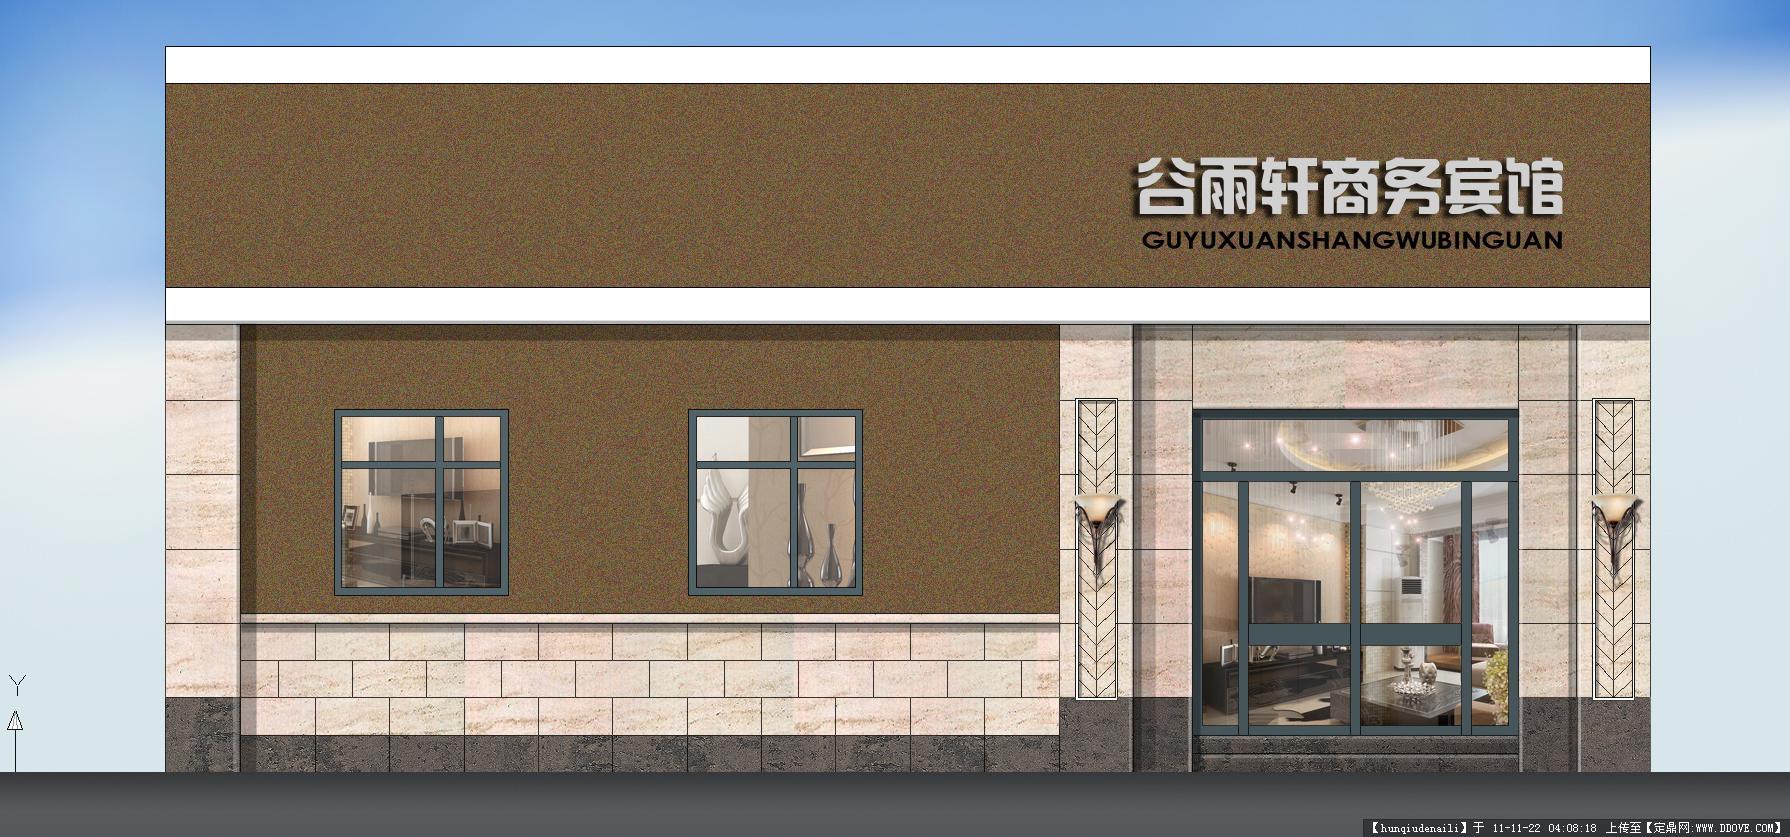 定鼎室内 室内效果图 酒楼餐厅 商务旅馆最新效果图; 低层旅馆立面